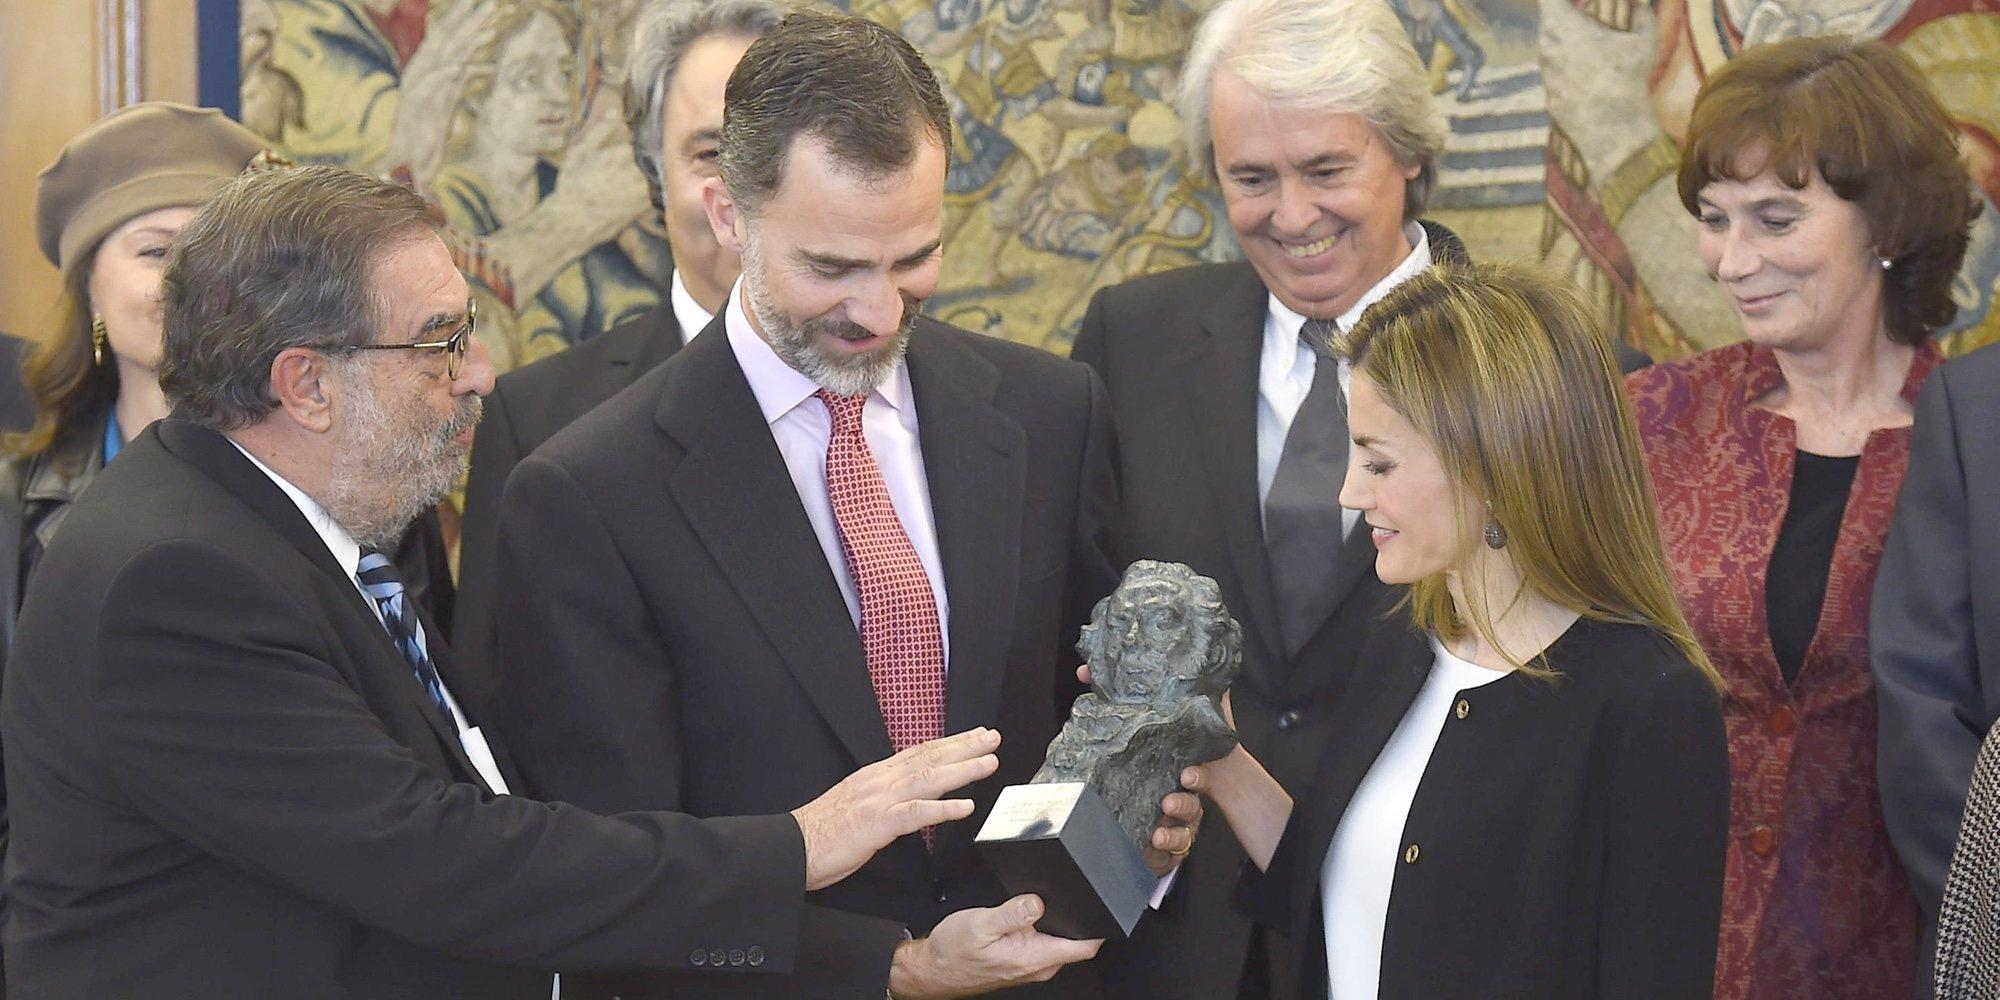 Paula Echevarría, los Javis, Javier Bardem, Pedro Sánchez y los Reyes Felipe y Letizia, los grandes ausentes en los Goya 2019